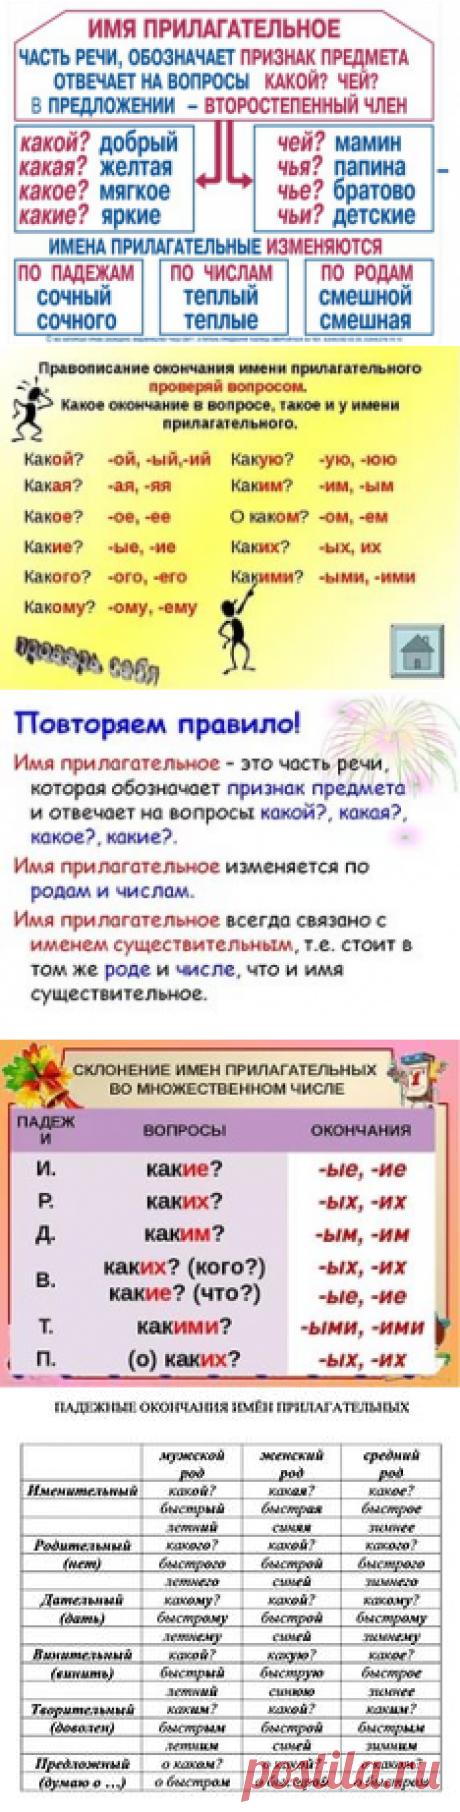 на какие вопросы отвечает имя прилагательное по падежам: 9 тыс изображений найдено в Яндекс.Картинках